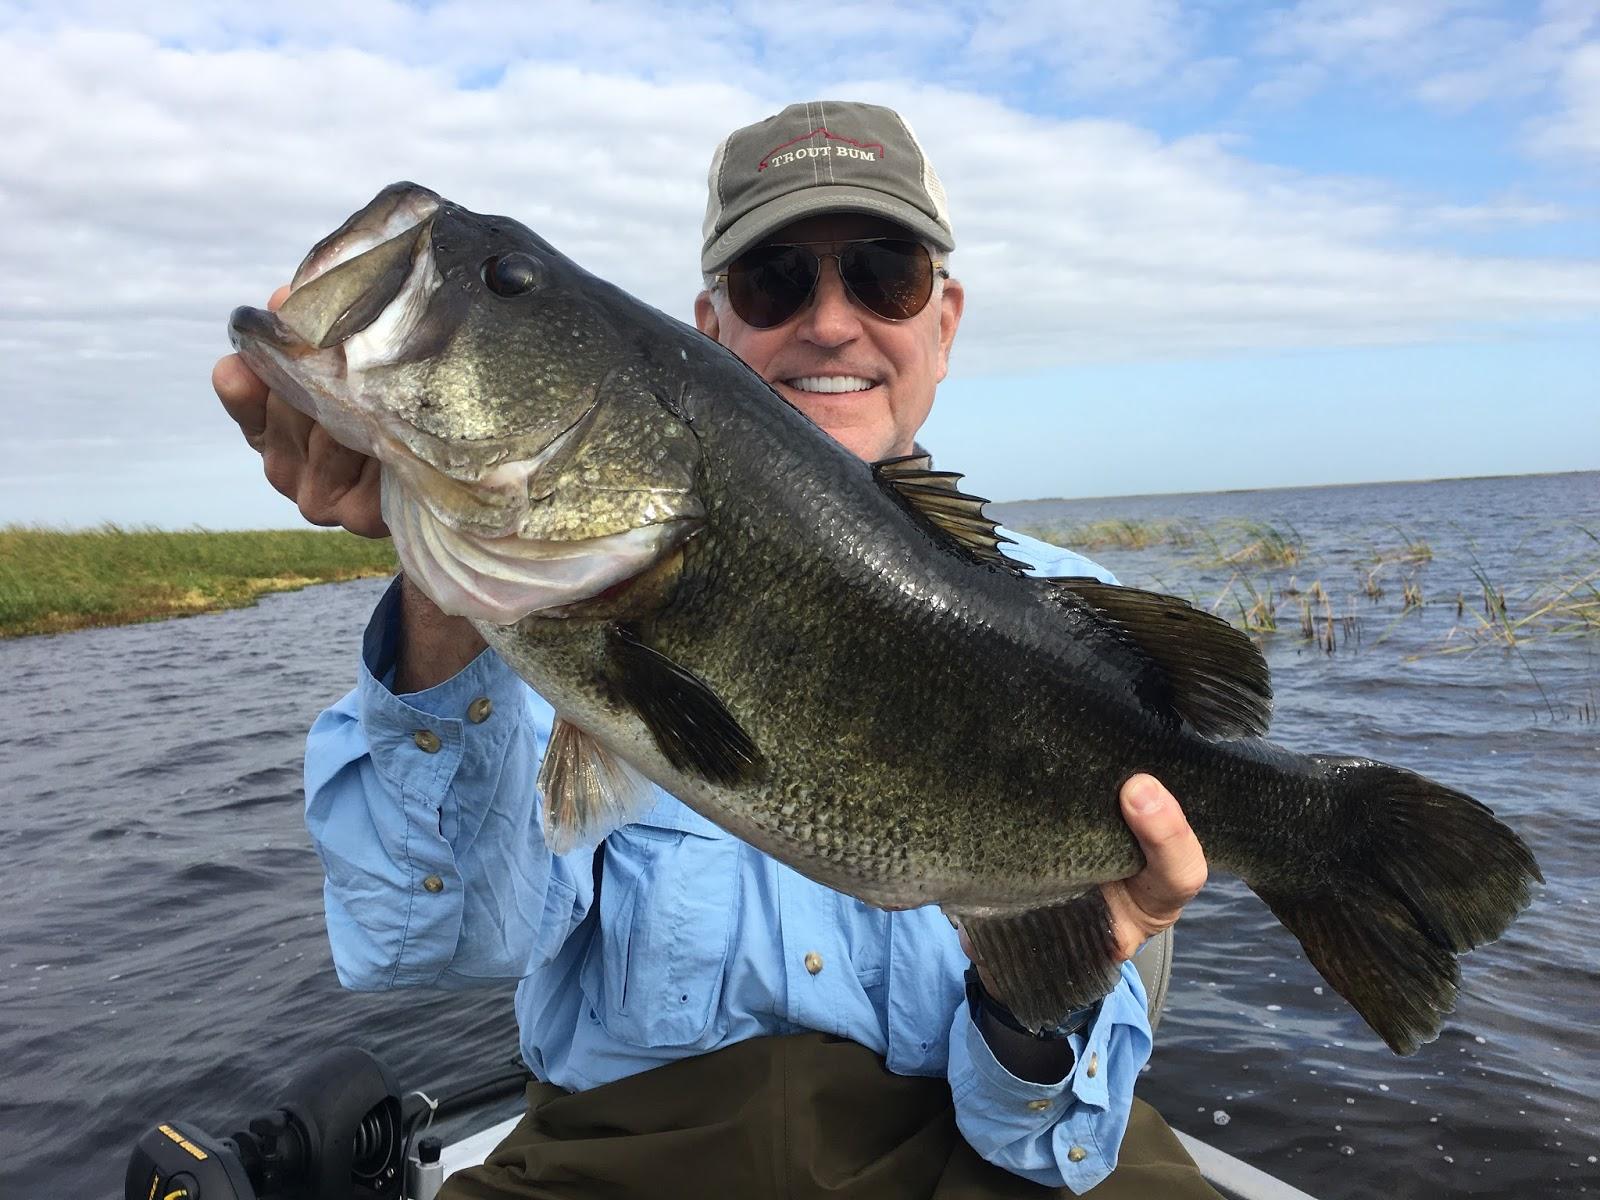 Okeechobee fishing report 12 17 2016 lake okeechobee for Bass fishing reports